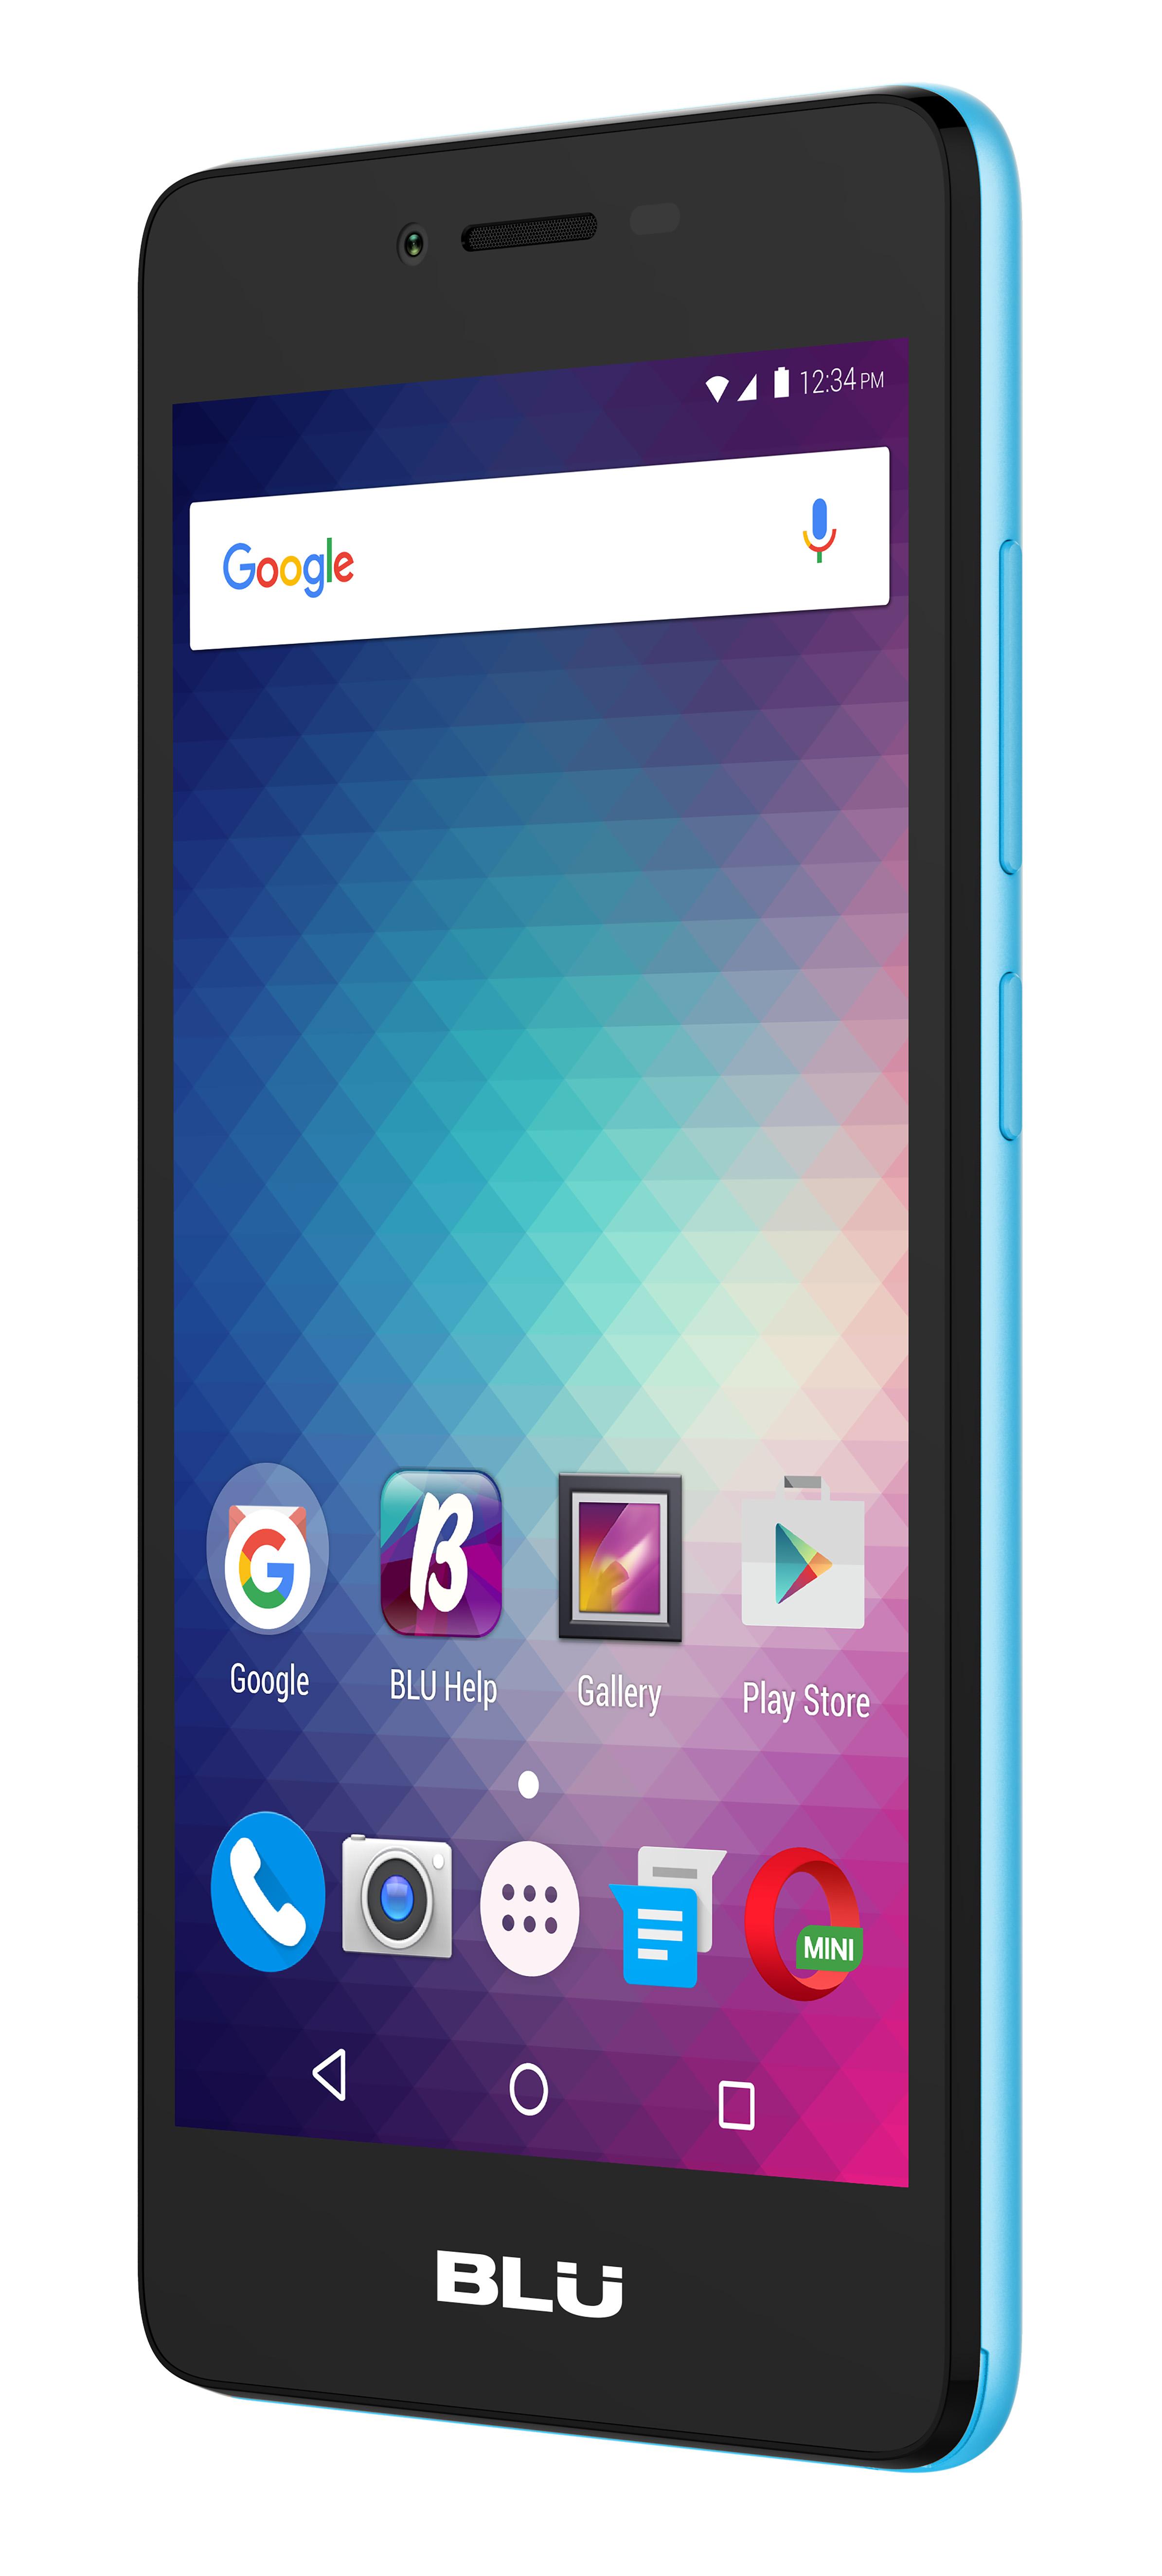 Camera Quad Core Android Phones blu studio g2 s010q unlocked gsm quad core android phone blue ebay core